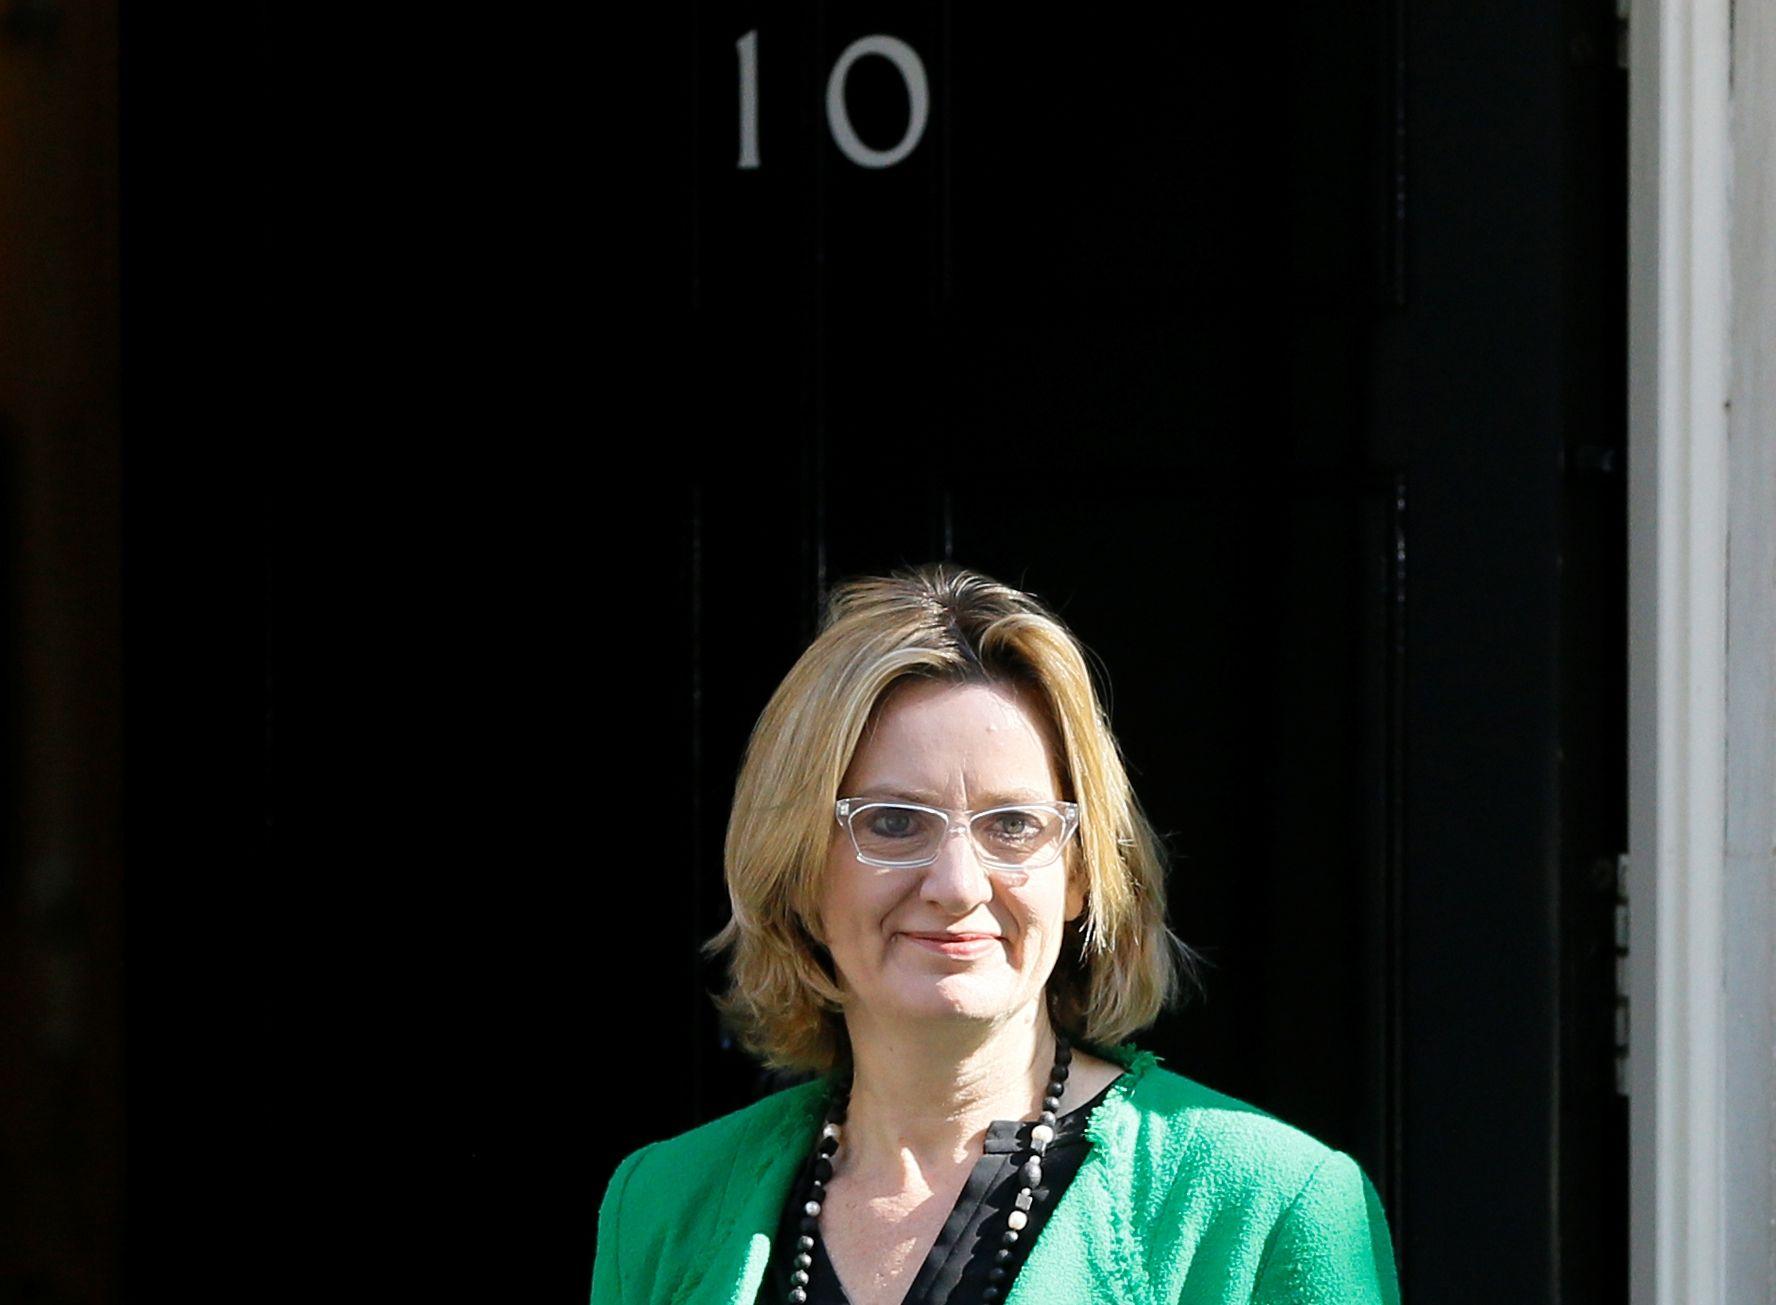 Británia, Europol, Amber Ruddová